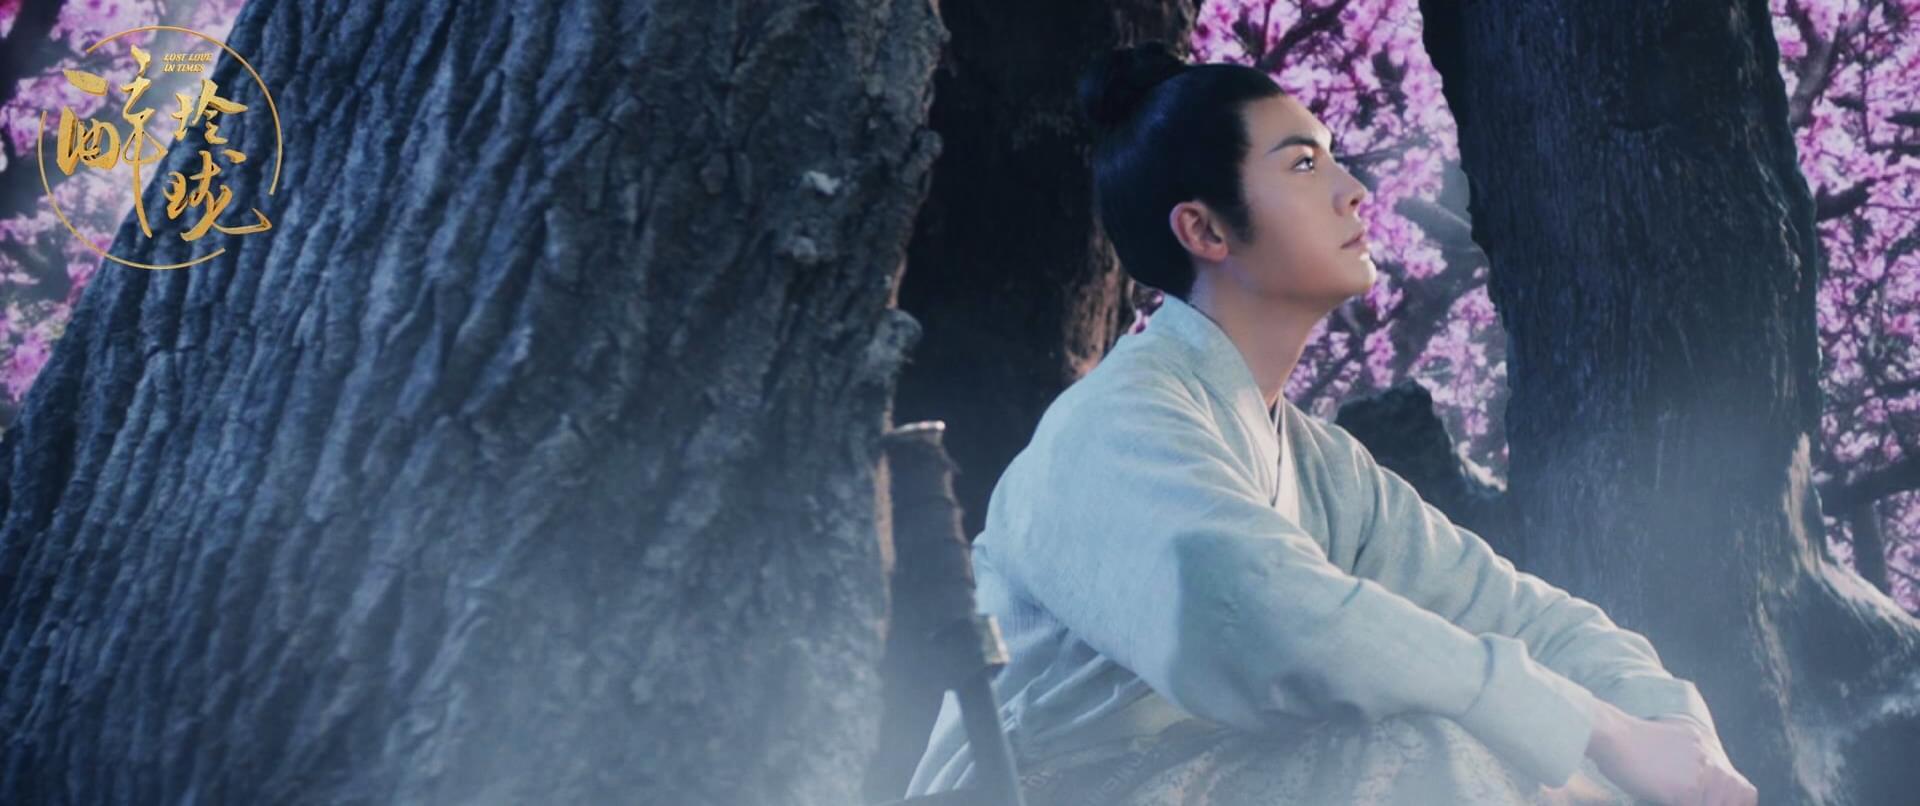 陈伟霆《因你》完整版MV  宜古宜今触发回忆杀